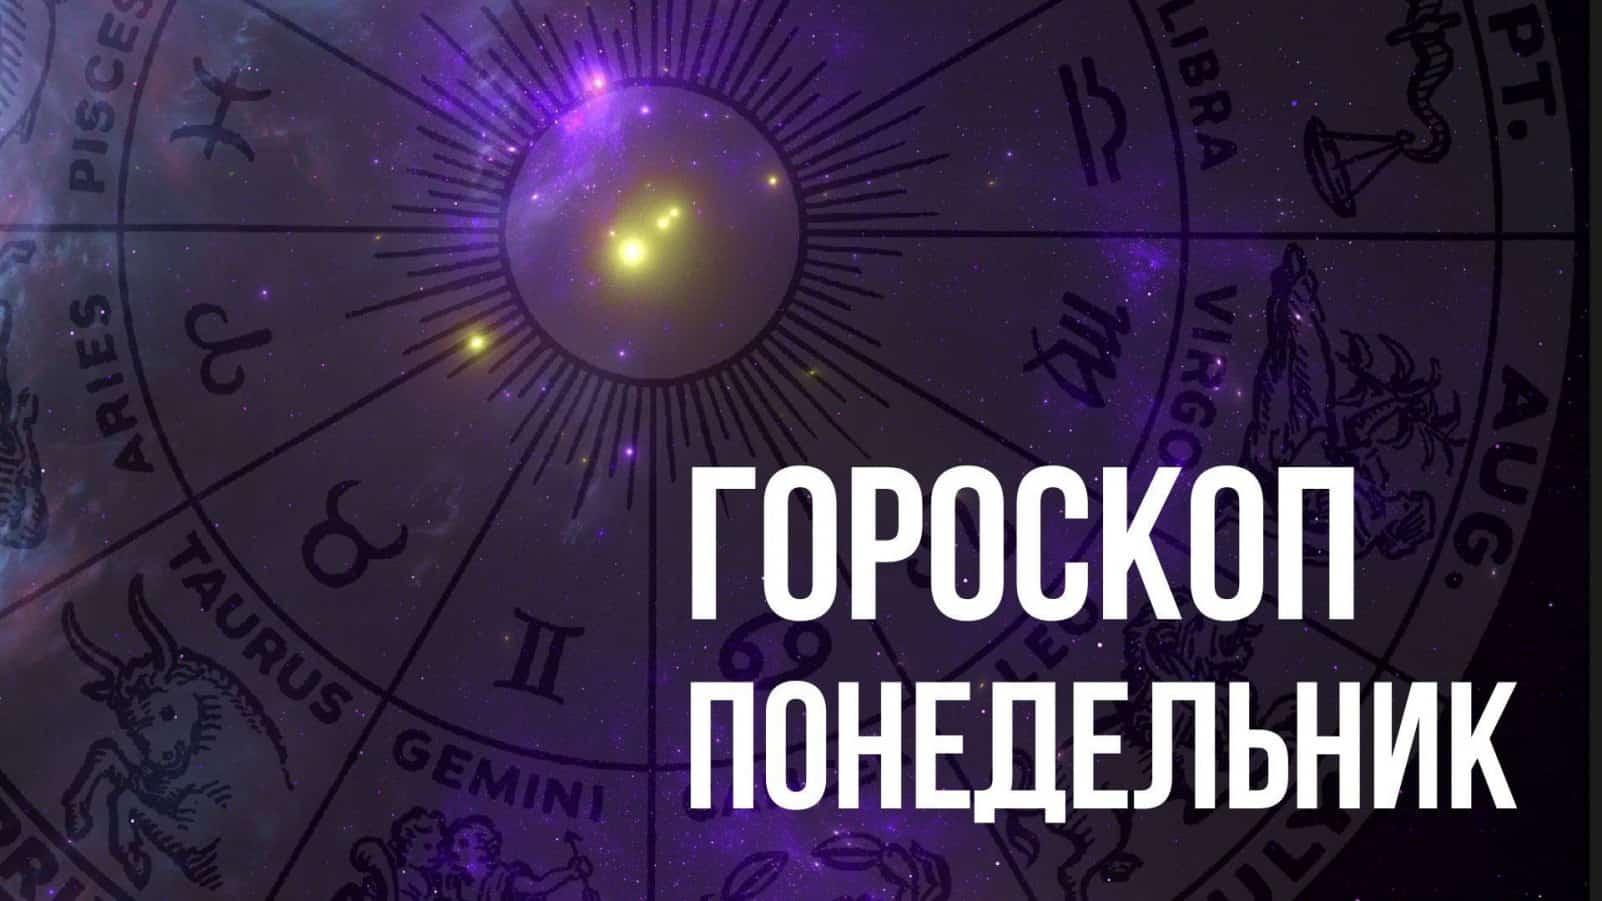 Гороскоп на понедельник 6 сентября для каждого знака Зодиака